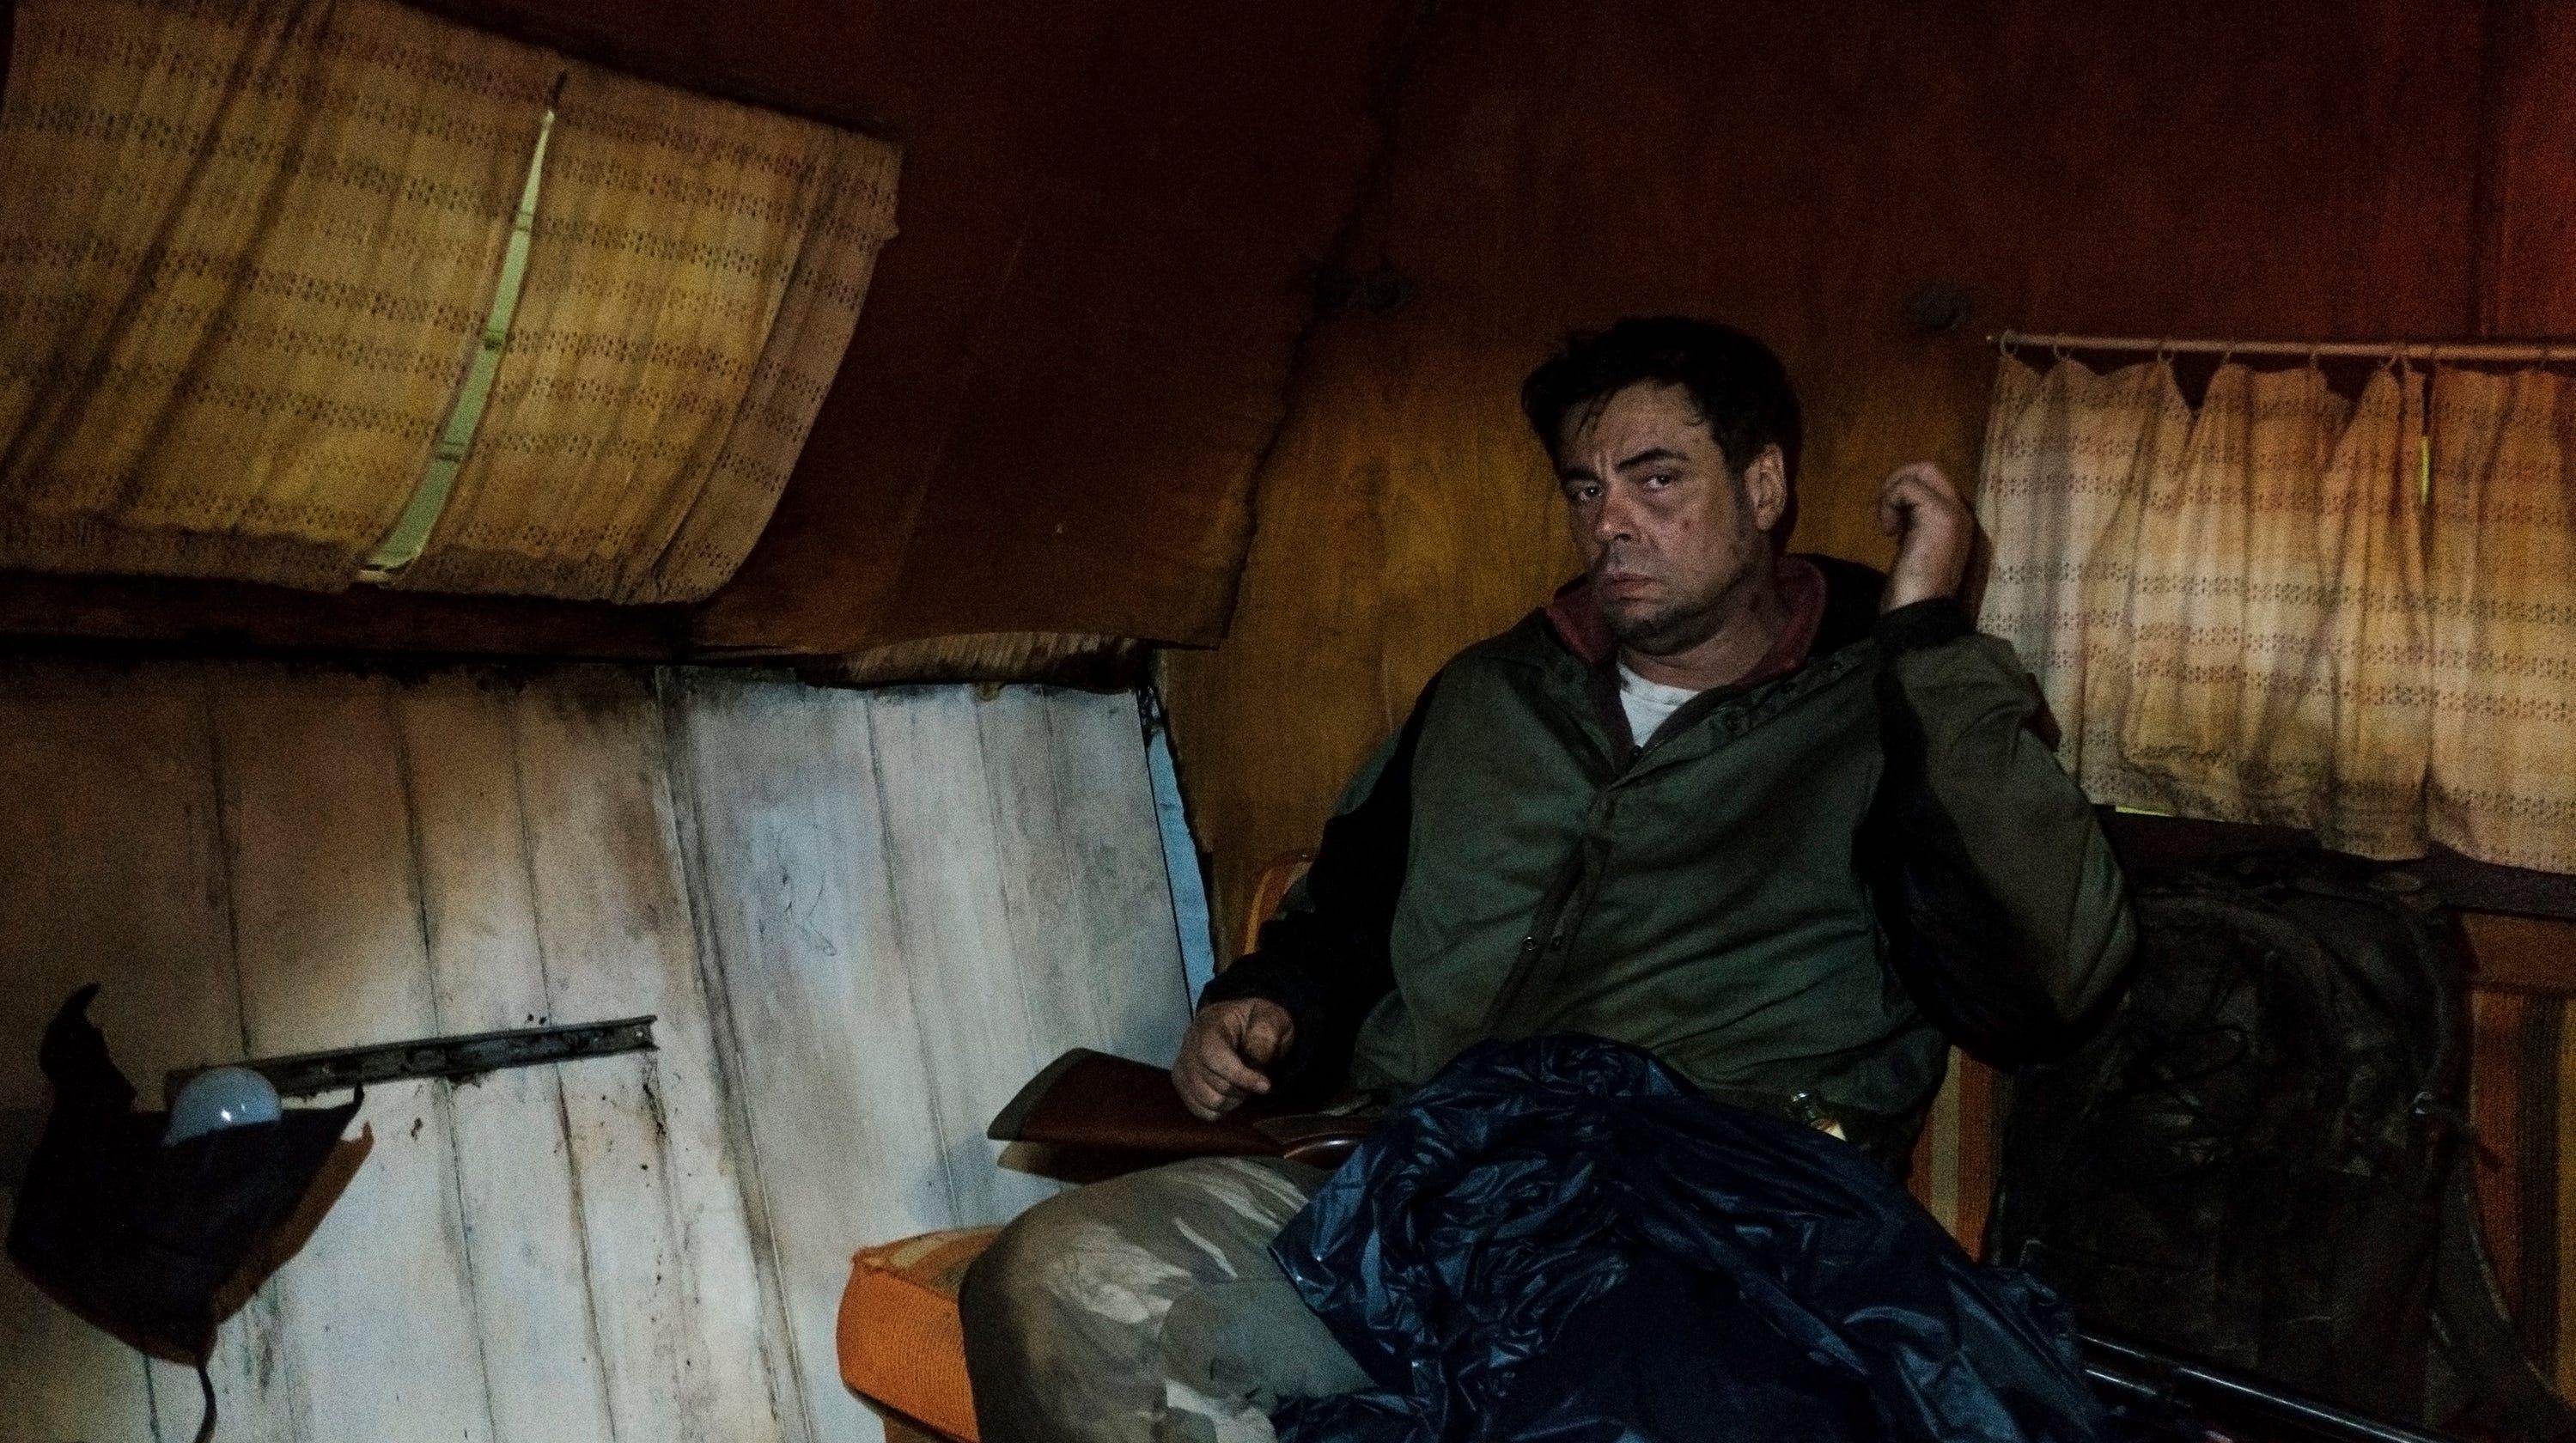 Cuomo defends allowing 'Escape at Dannemora' film crew in NY